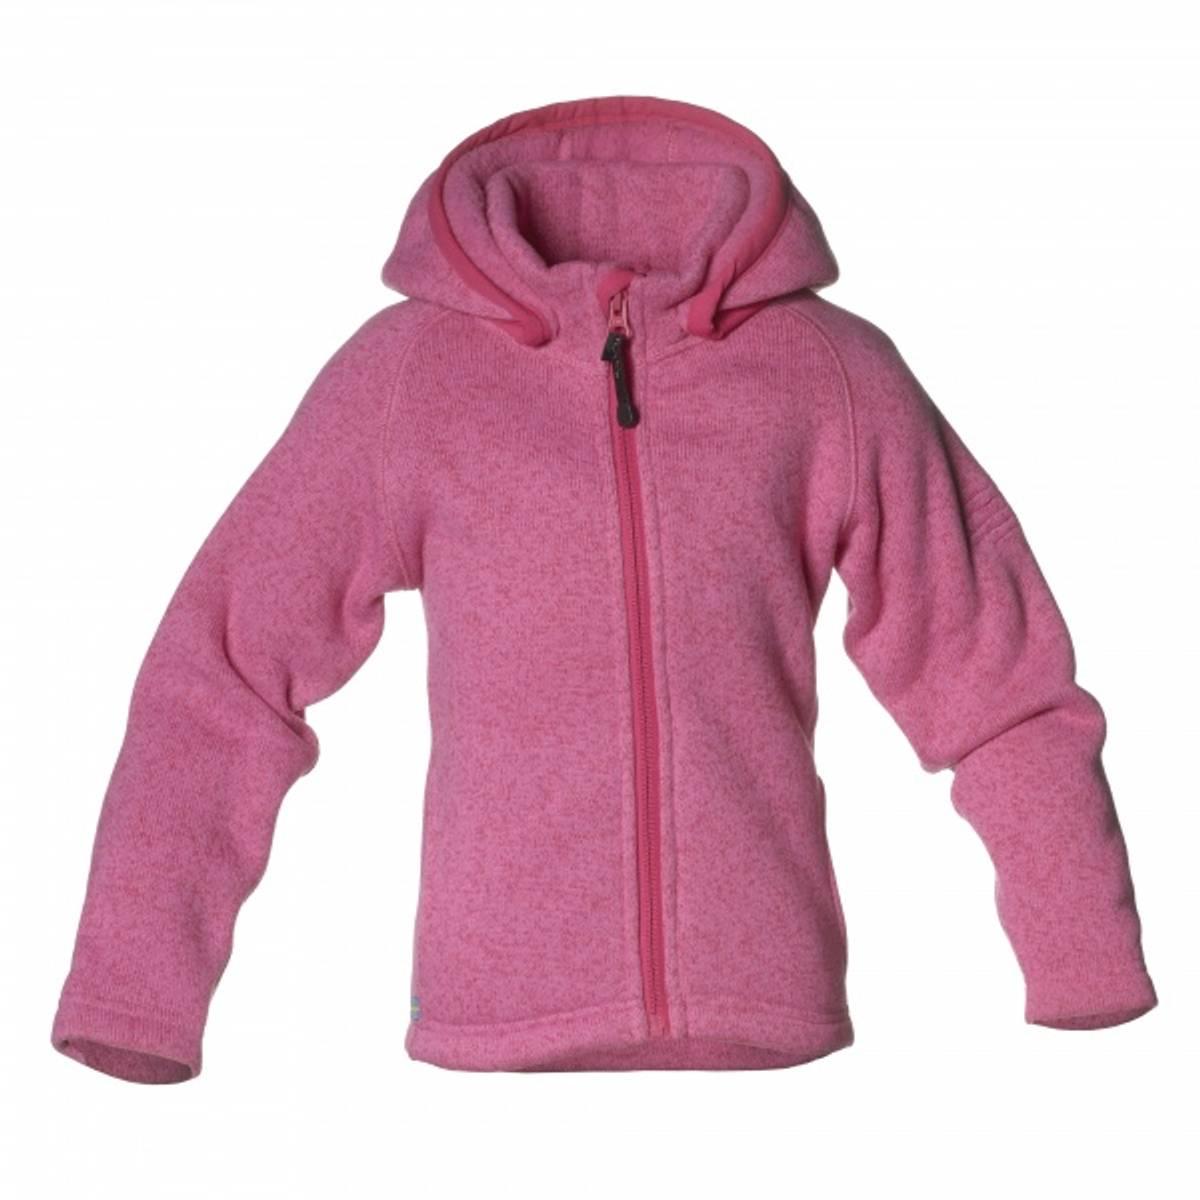 Isbjørn RIB Sweater - Rosa